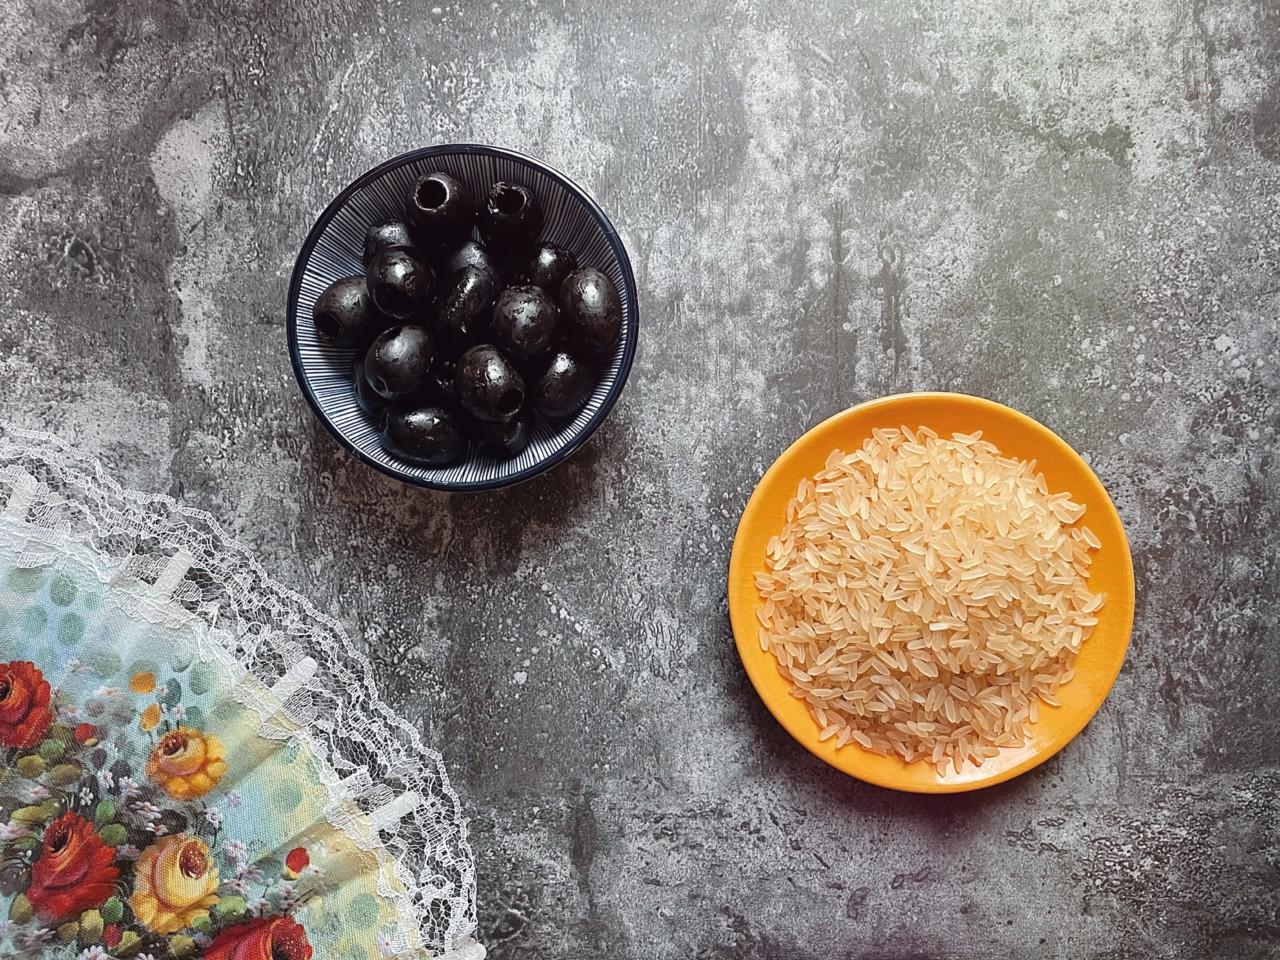 Traditionelle Zutaten für eine Paella sind natürlich auch dabei: Oliven und Reis. Foto: Lunchgate/Selina